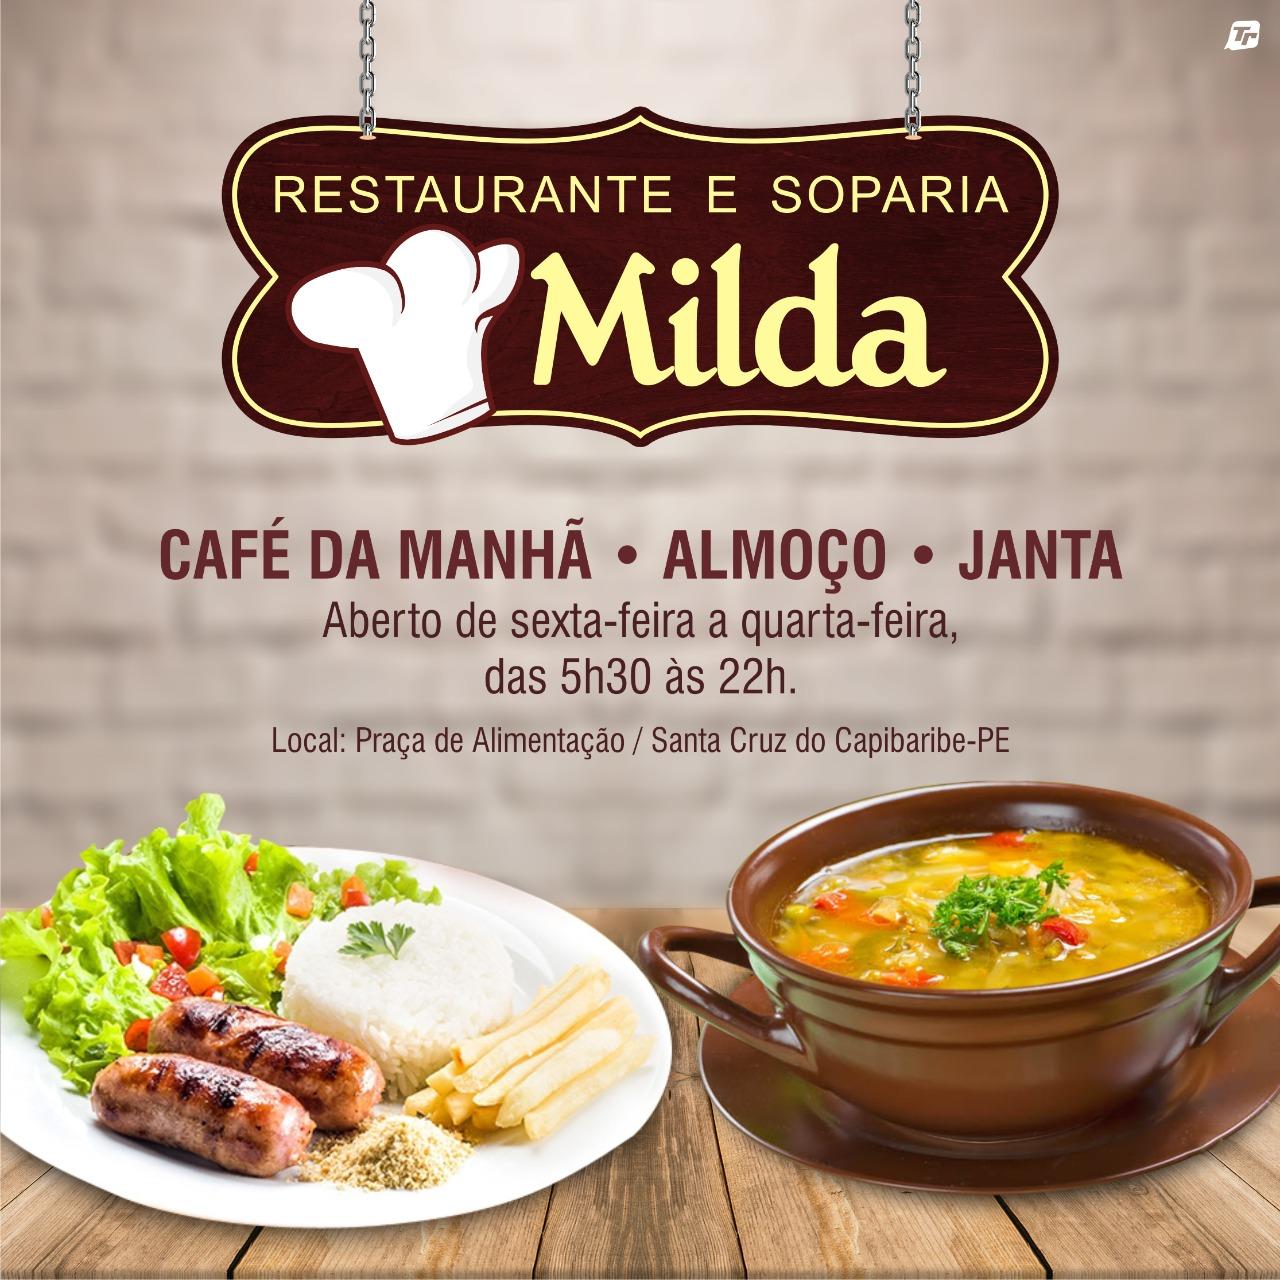 Restaurante e Soparia da Milda